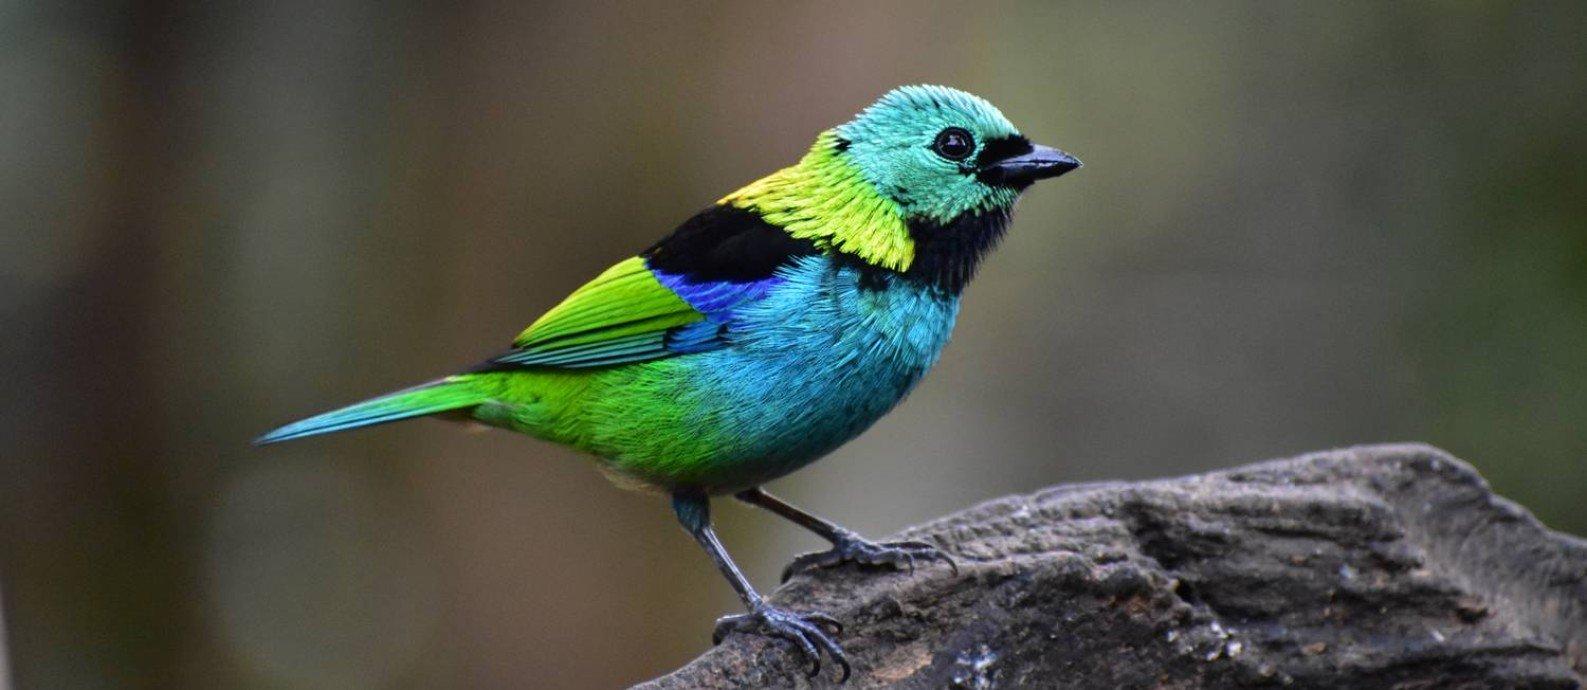 Pássaro Tangara seledon é próximo alvo do tráfico de animais silvestres Foto: Felipe Daniel Rodrigues / Divulgação